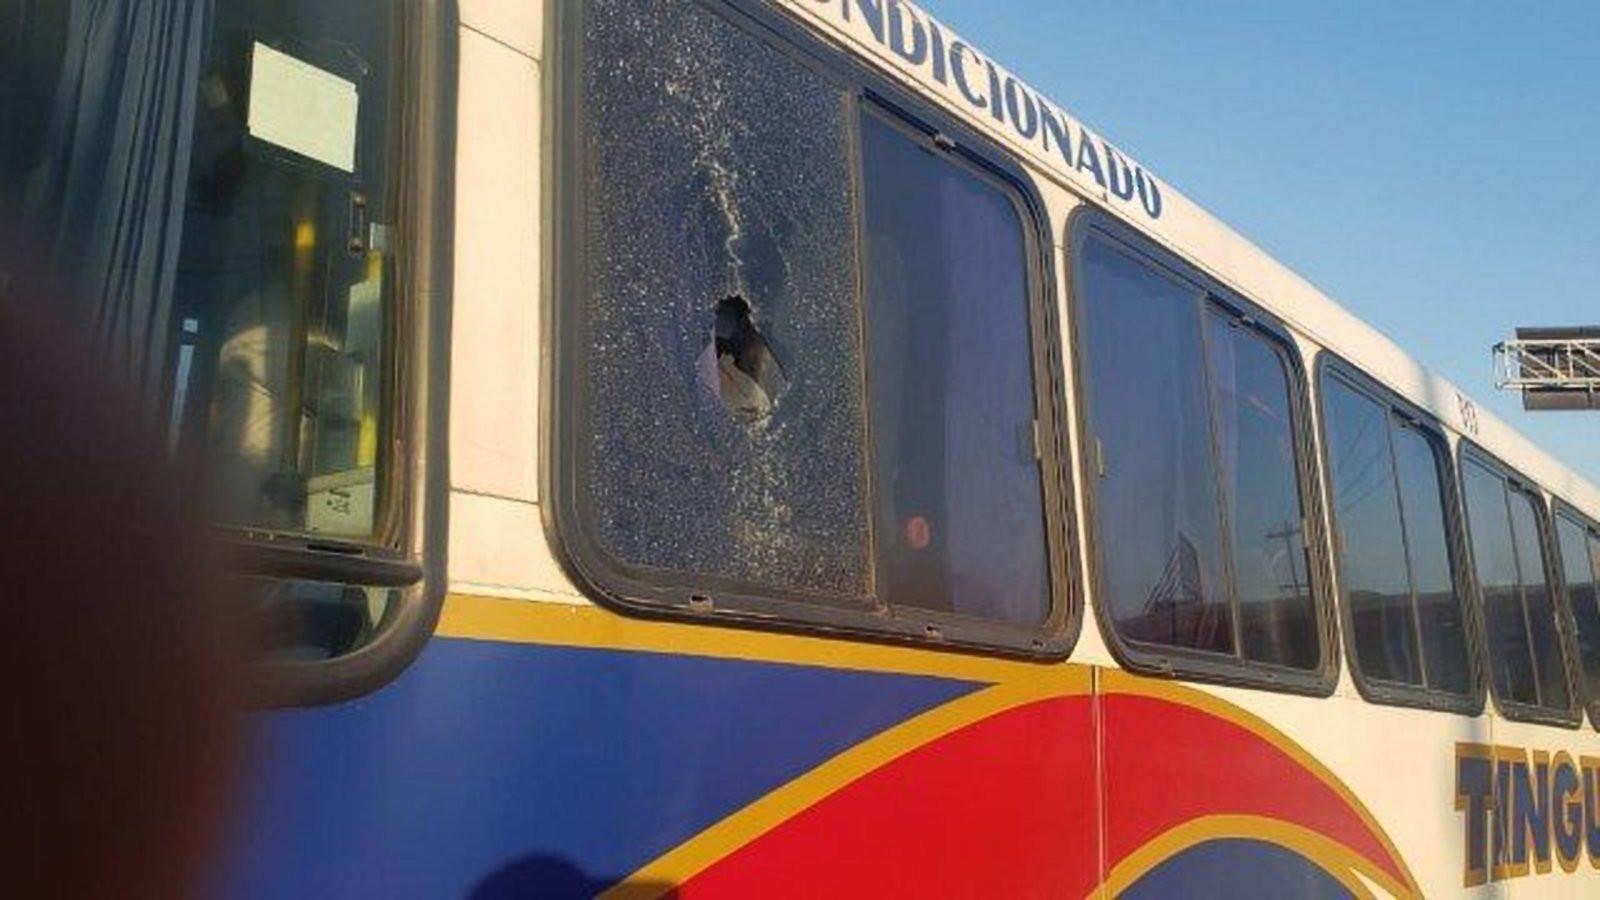 Mulher é atingida por bala perdida dentro de ônibus no Rio